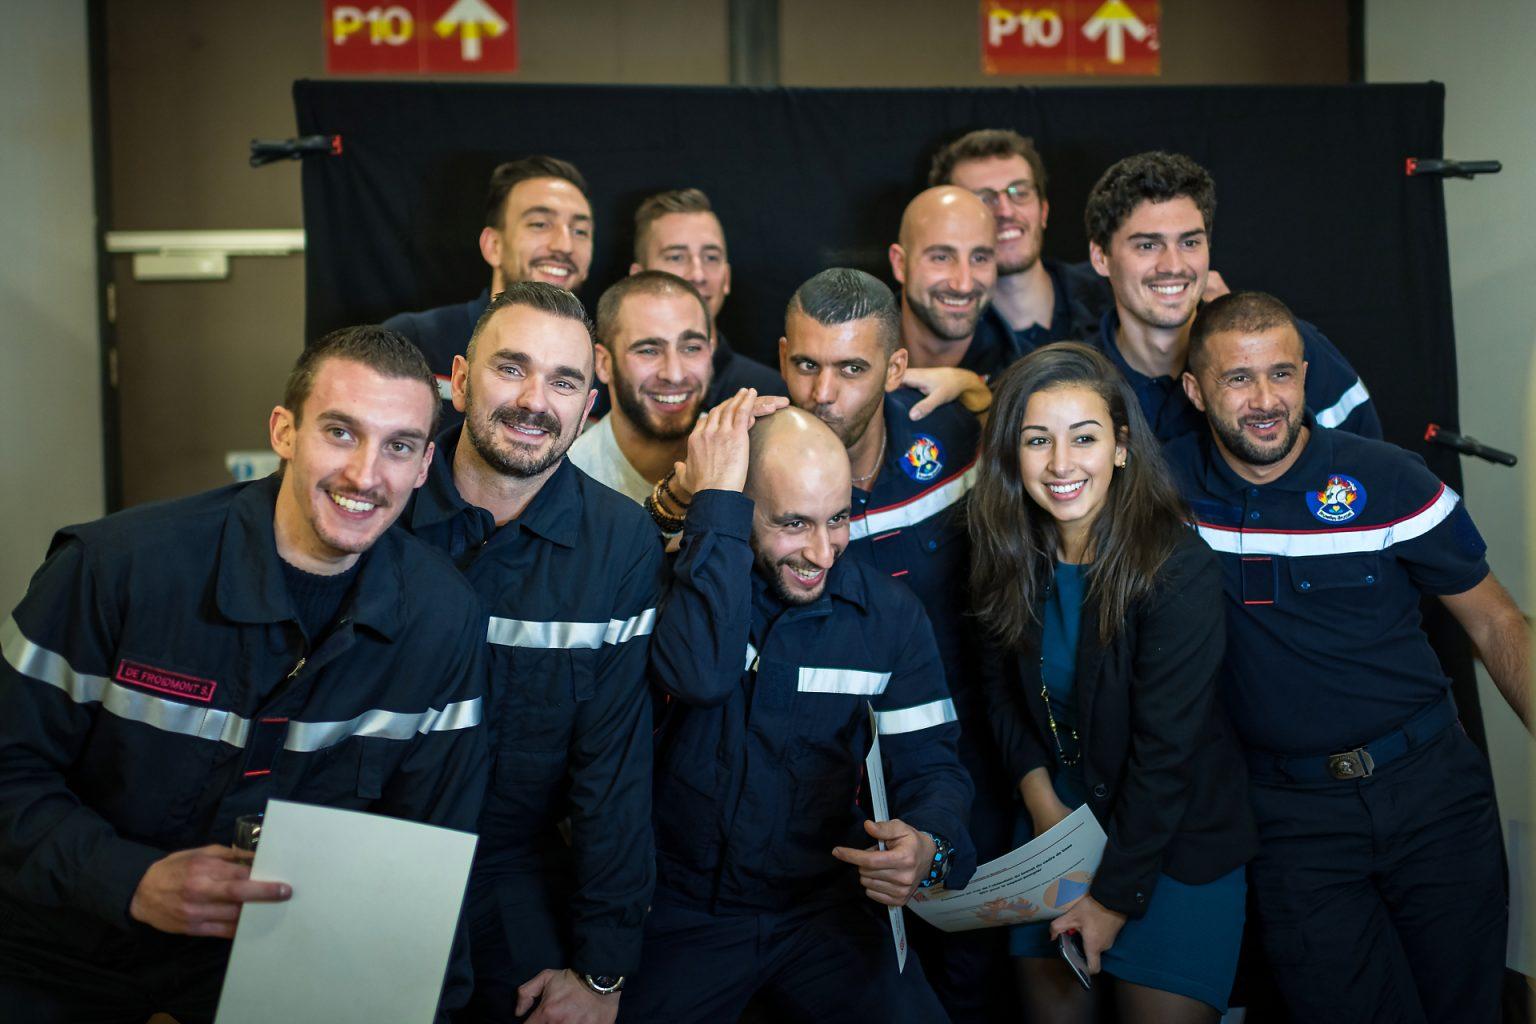 Diplômés Sapeurs Pompiers, Remise diplômes Brusafe.Brussels 2019 par Aurore Delsoir Photographe corporate